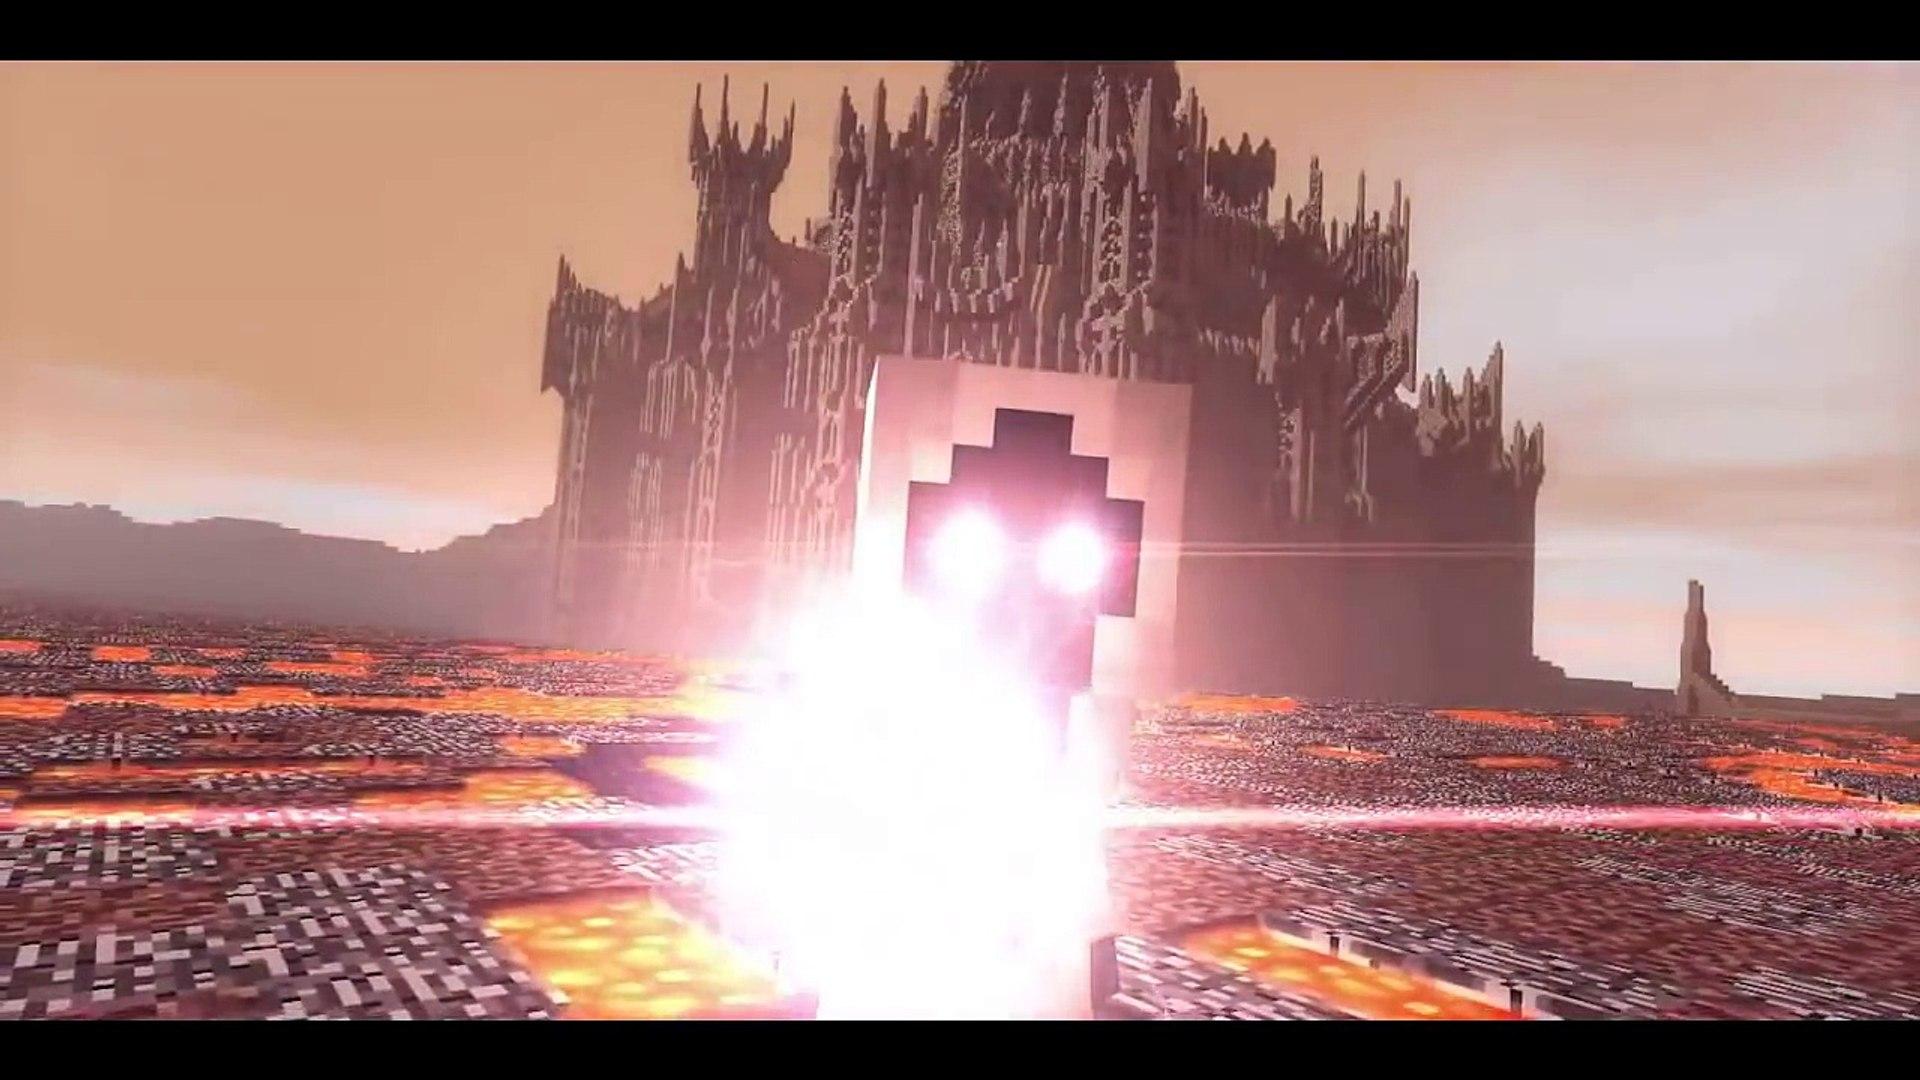 Minecraft Animation - O Retorno da Entidade | The Entity 303 Power - Minecraft Animation | Dublado